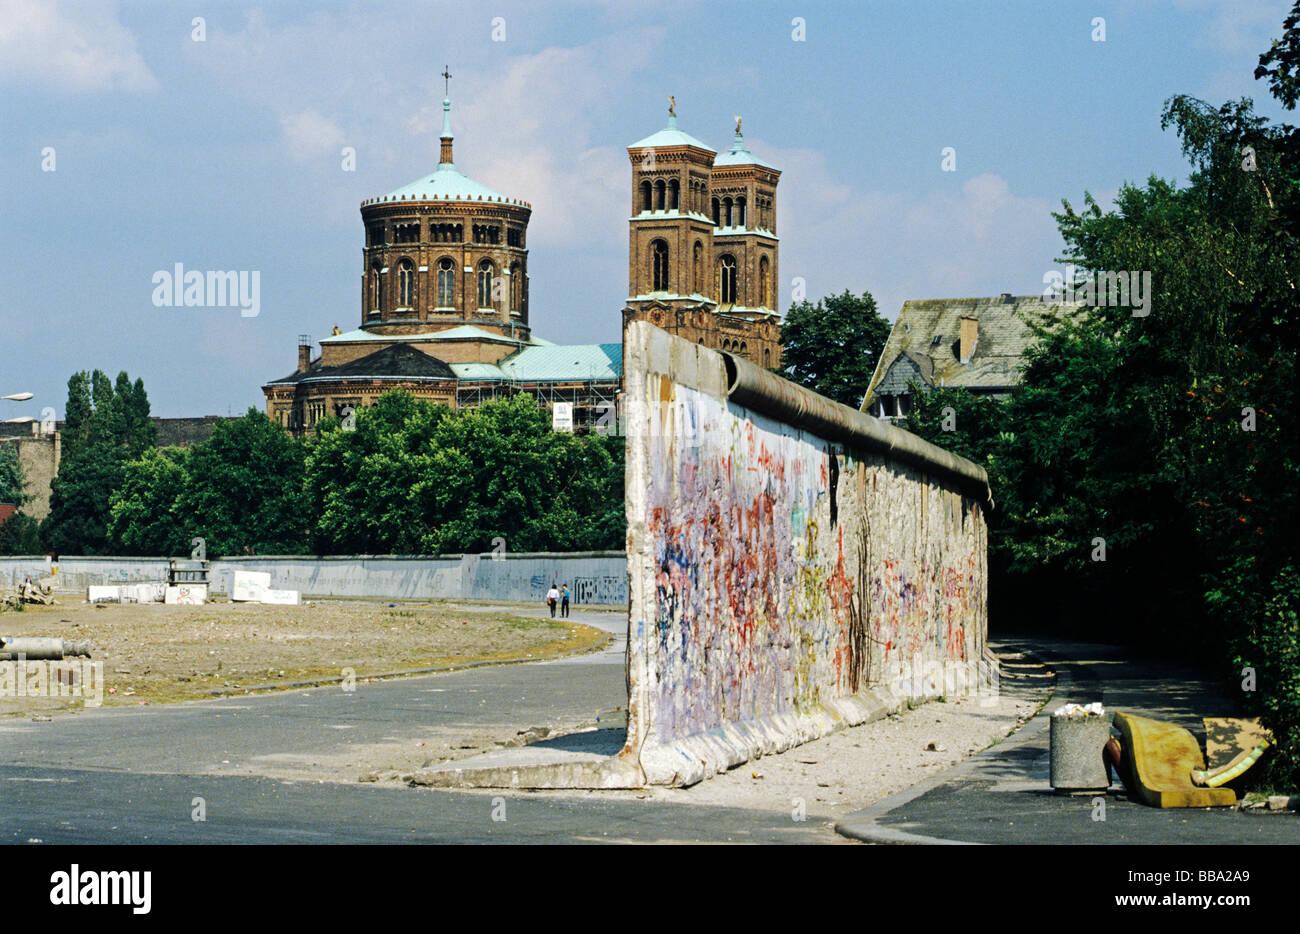 Ehemaligen Todesstreifen und Mauer nach dem Fall der Berliner Mauer, Berlin-Kreuzberg, Deutschland, Europa Stockbild